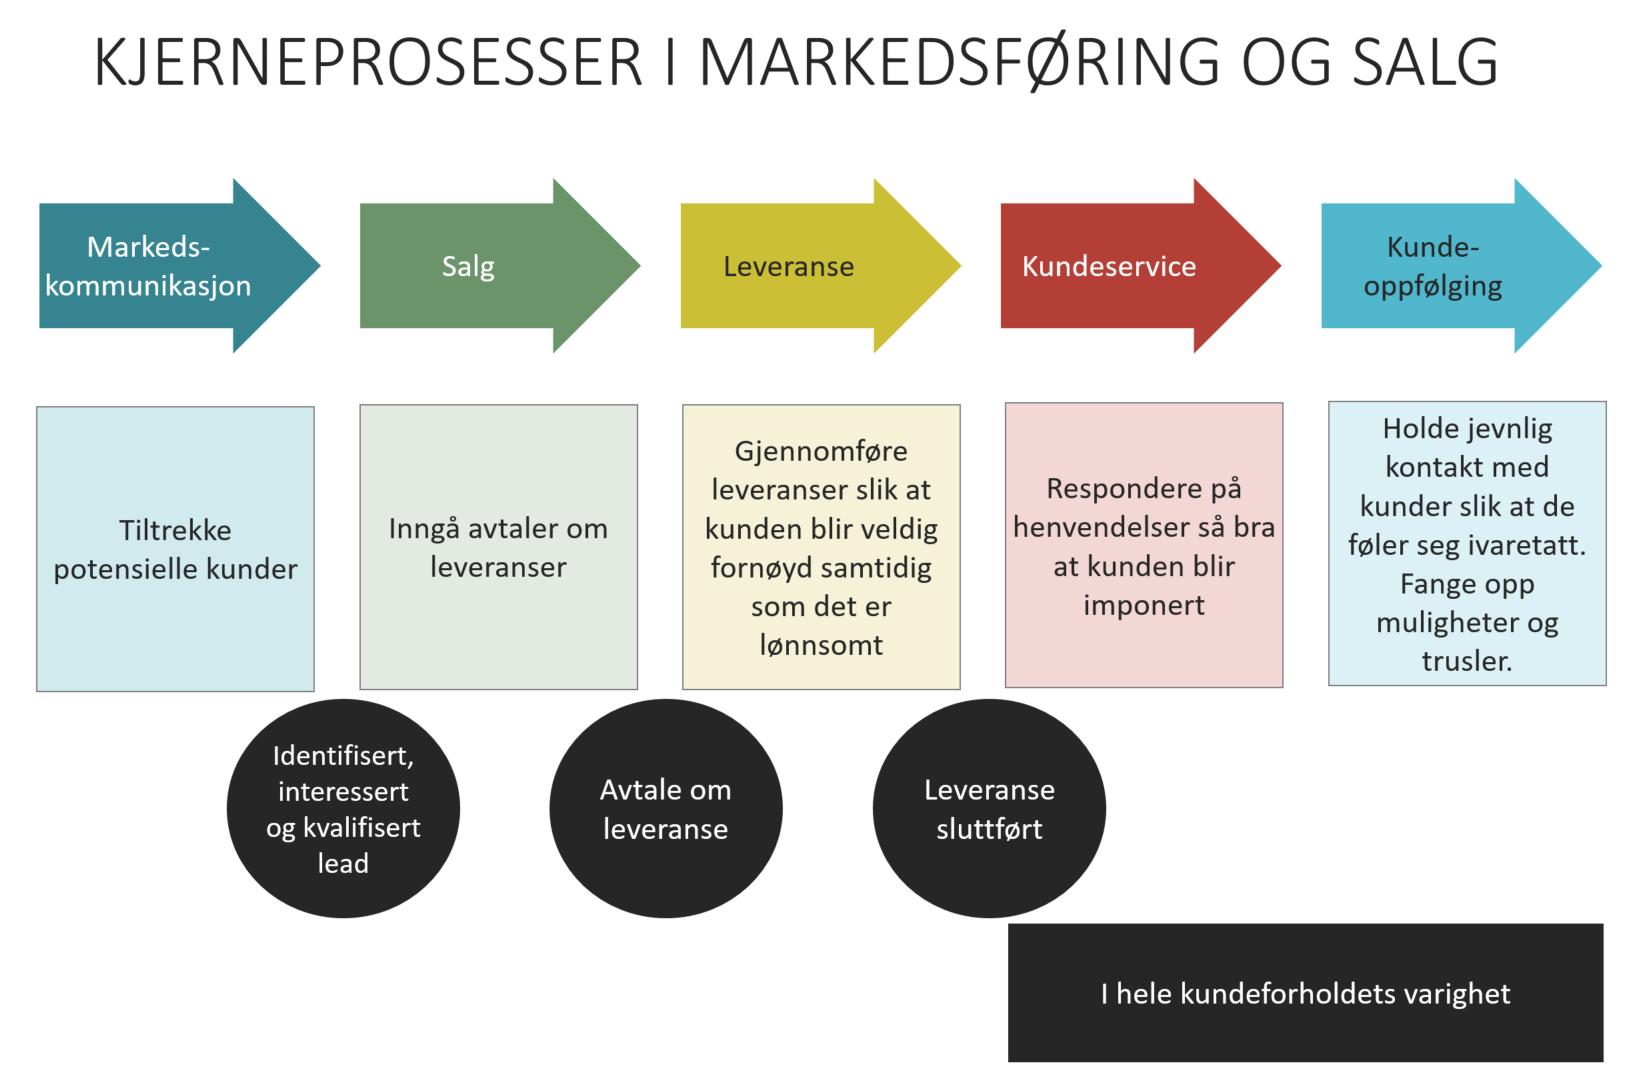 Kjerneprosesser i markedsføring og salg (Stig Hammer).